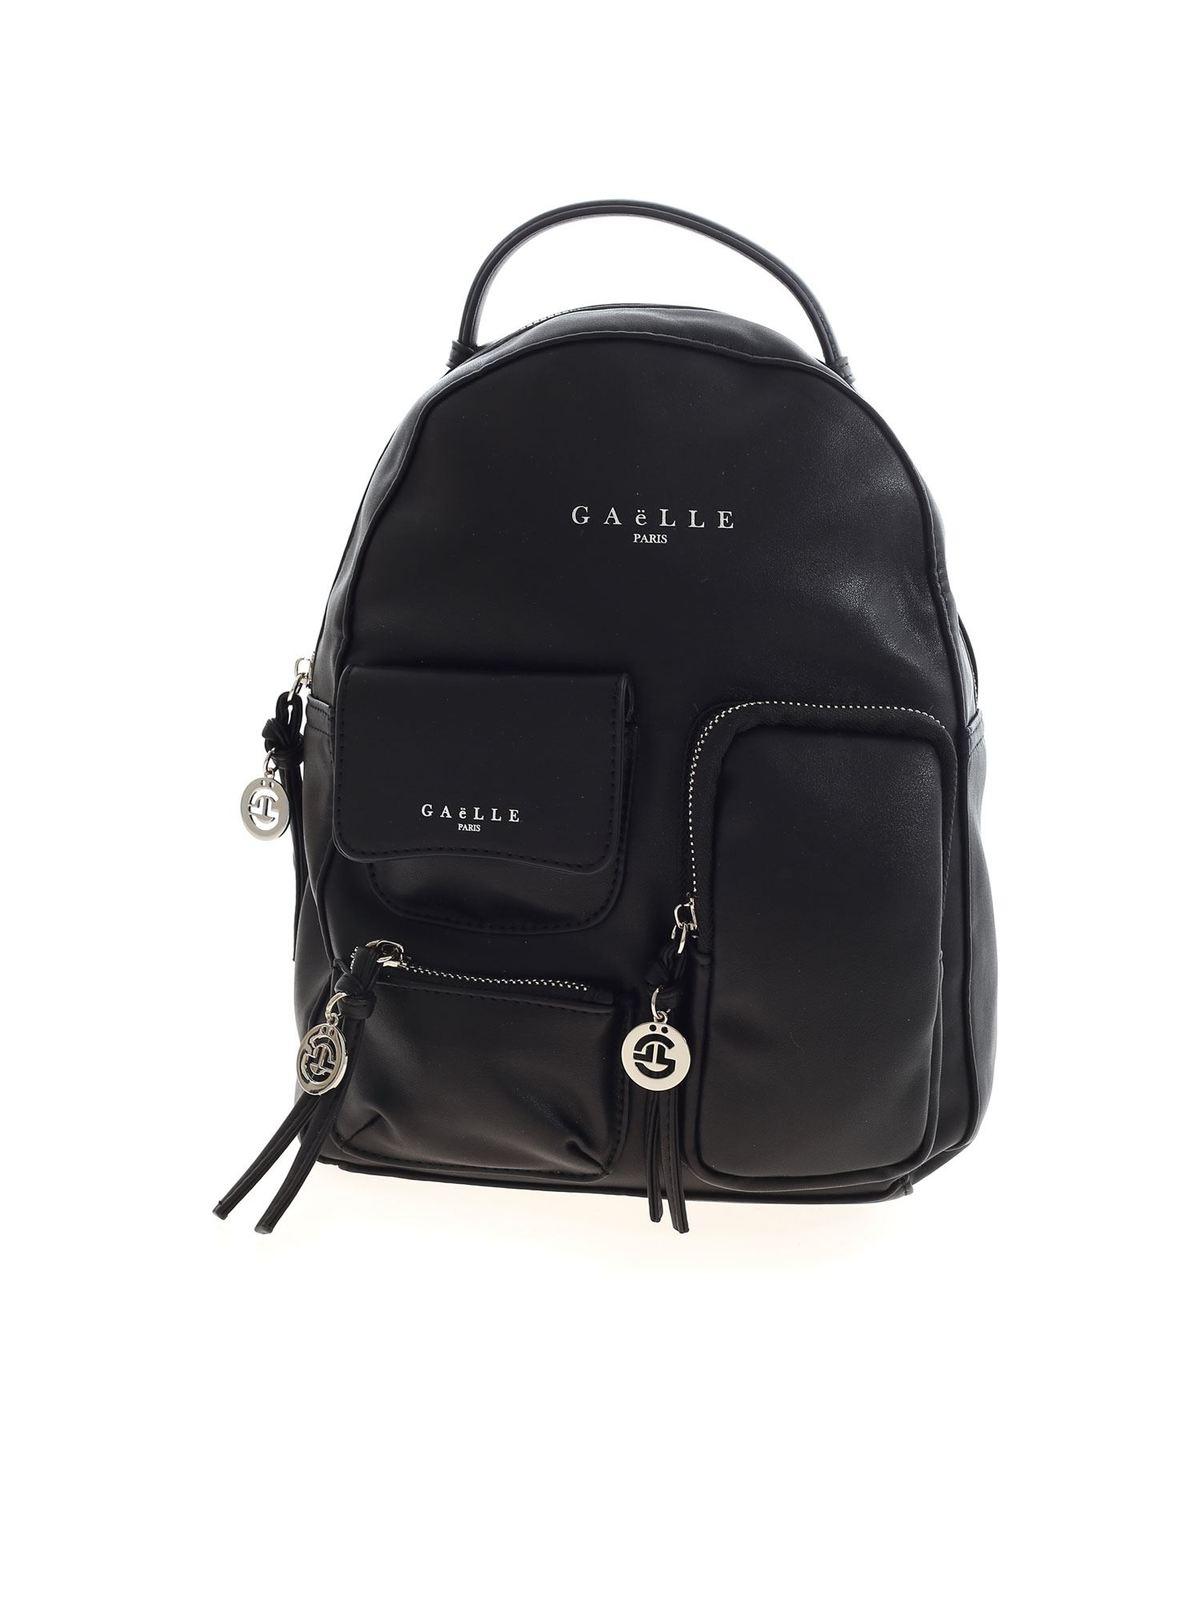 Gaelle Paris Multi Pocket Backpack In Black